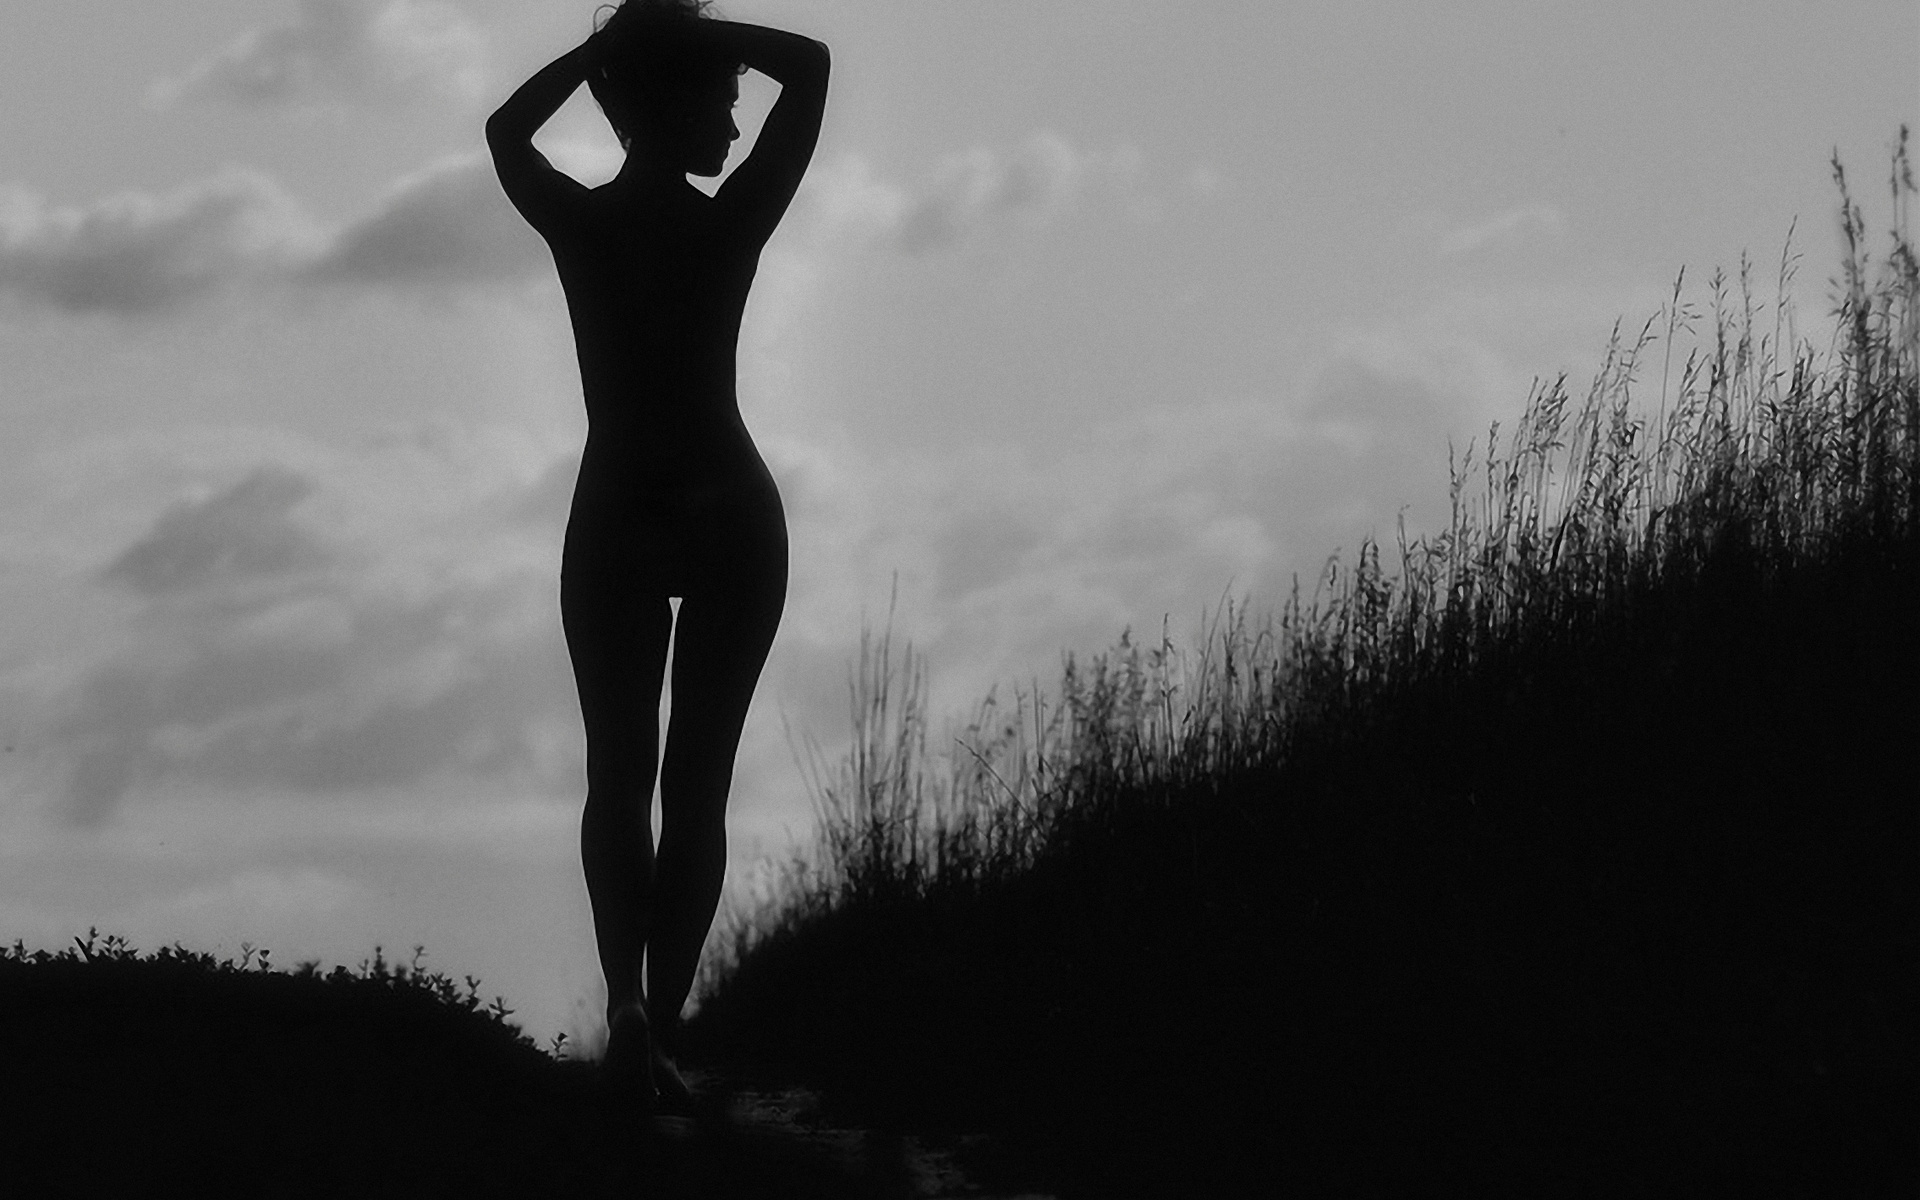 Женские силуэты в темноте картинки